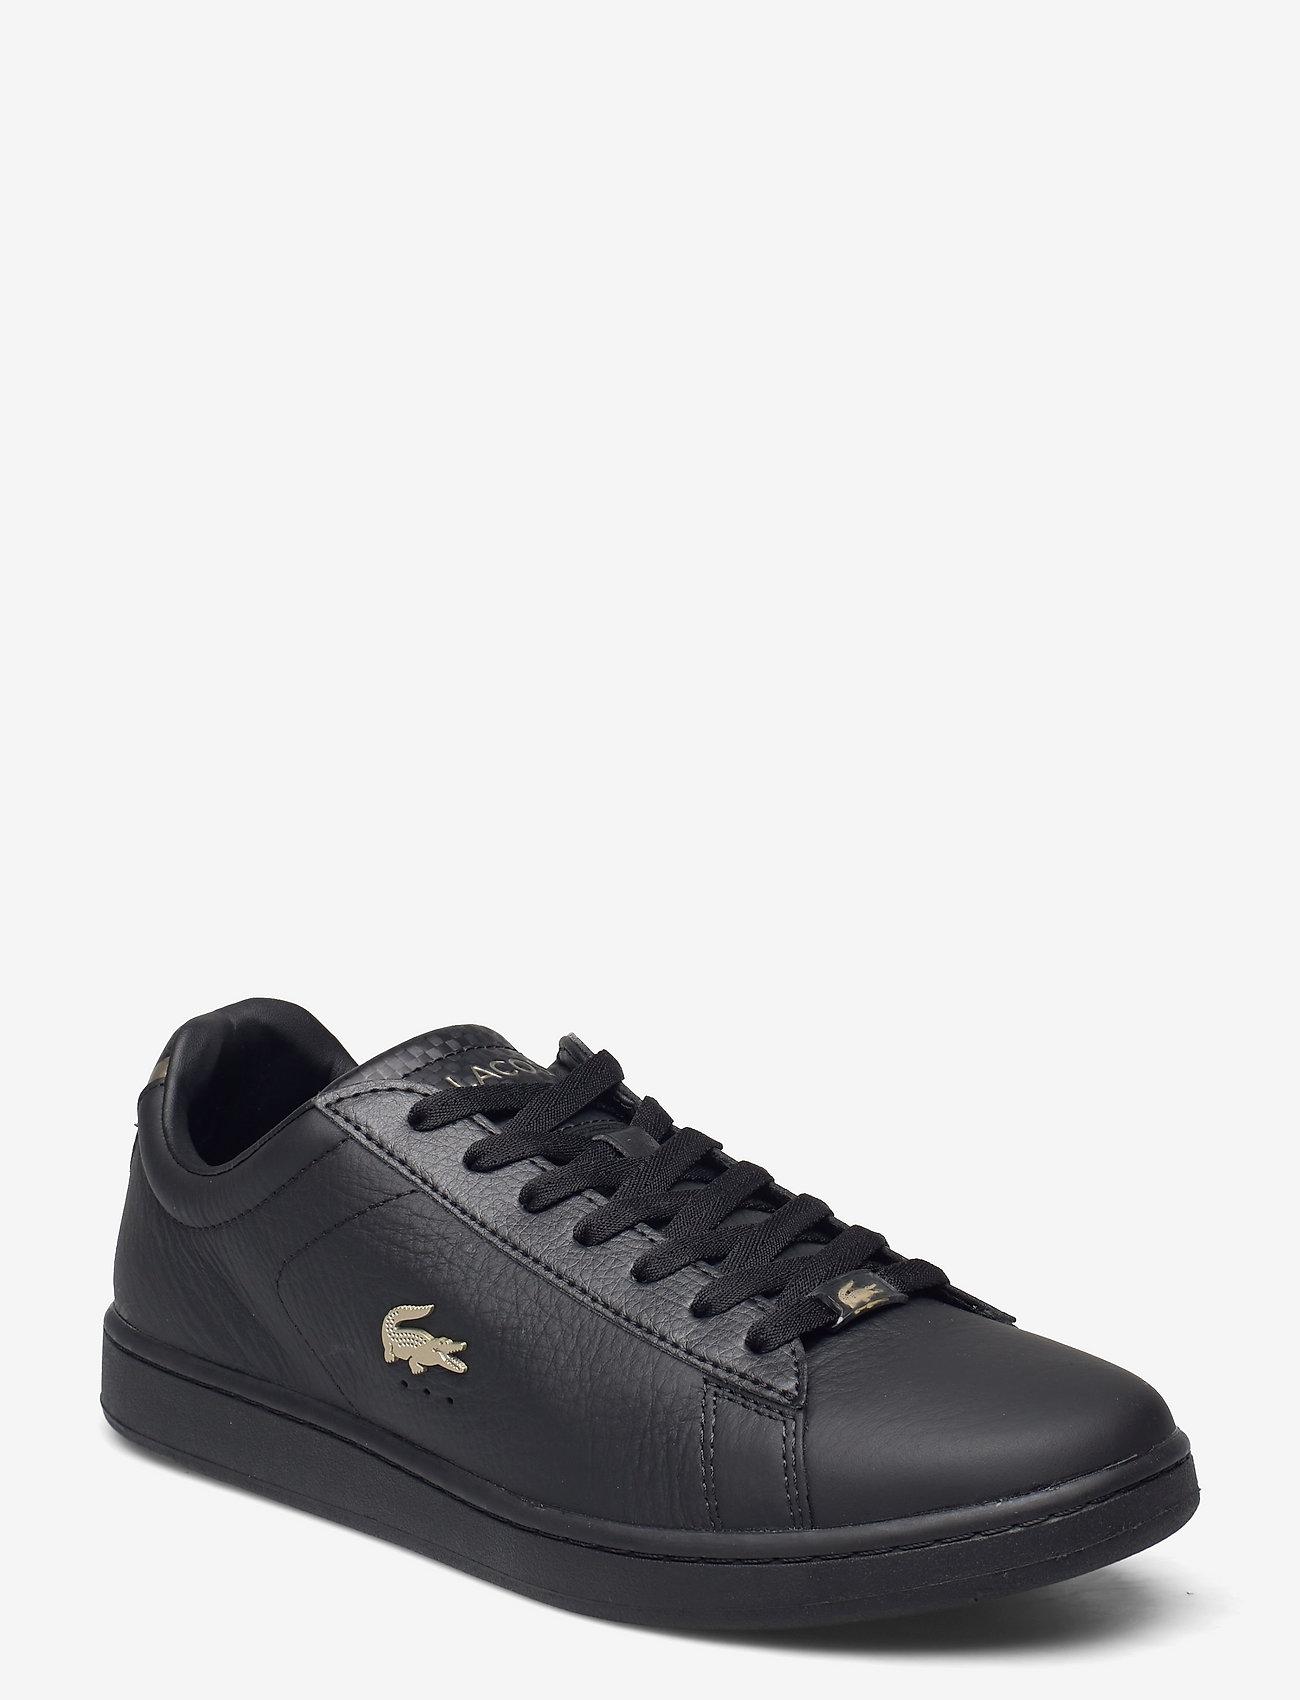 Lacoste Shoes - DESTON PUT - low tops - blk/blk lthr - 0